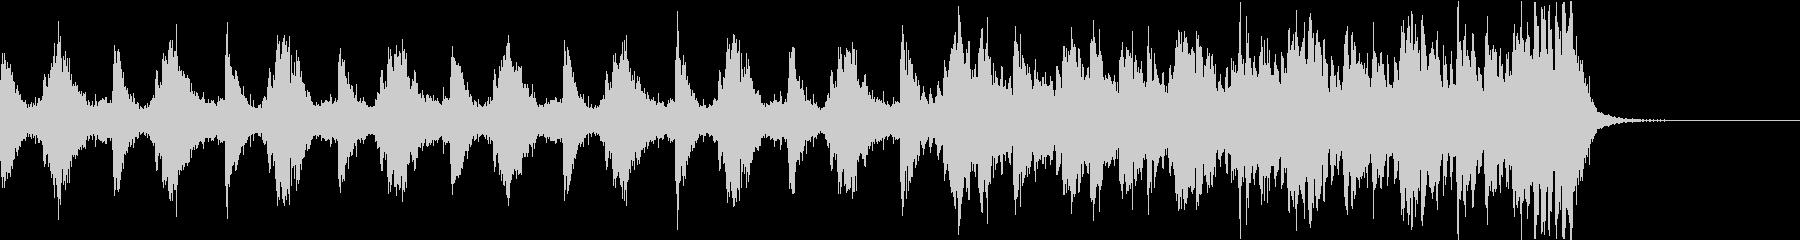 緊張感のあるストリングス系BGMの未再生の波形